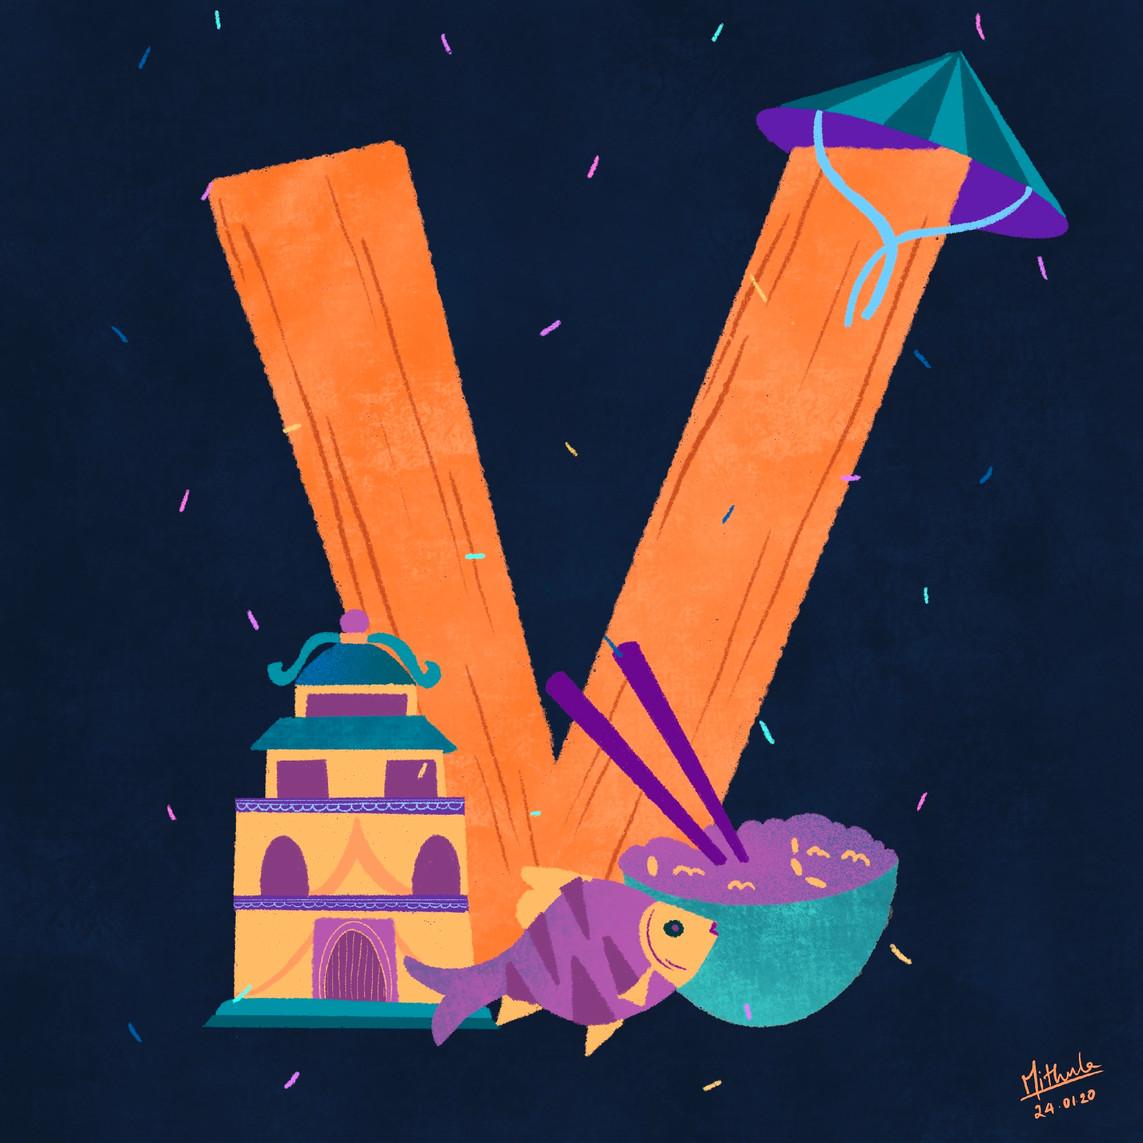 V for Vietnam